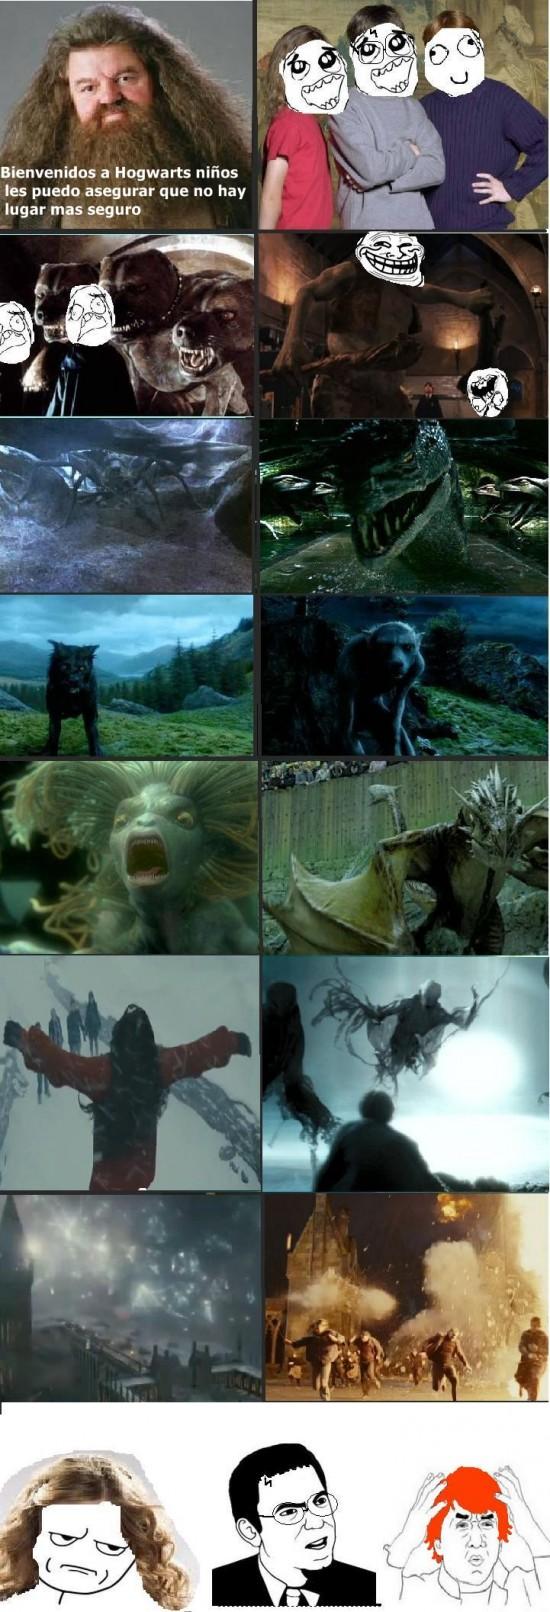 Kidding_me - ¿Sigues creyendo que Hogwarts es el lugar más seguro?